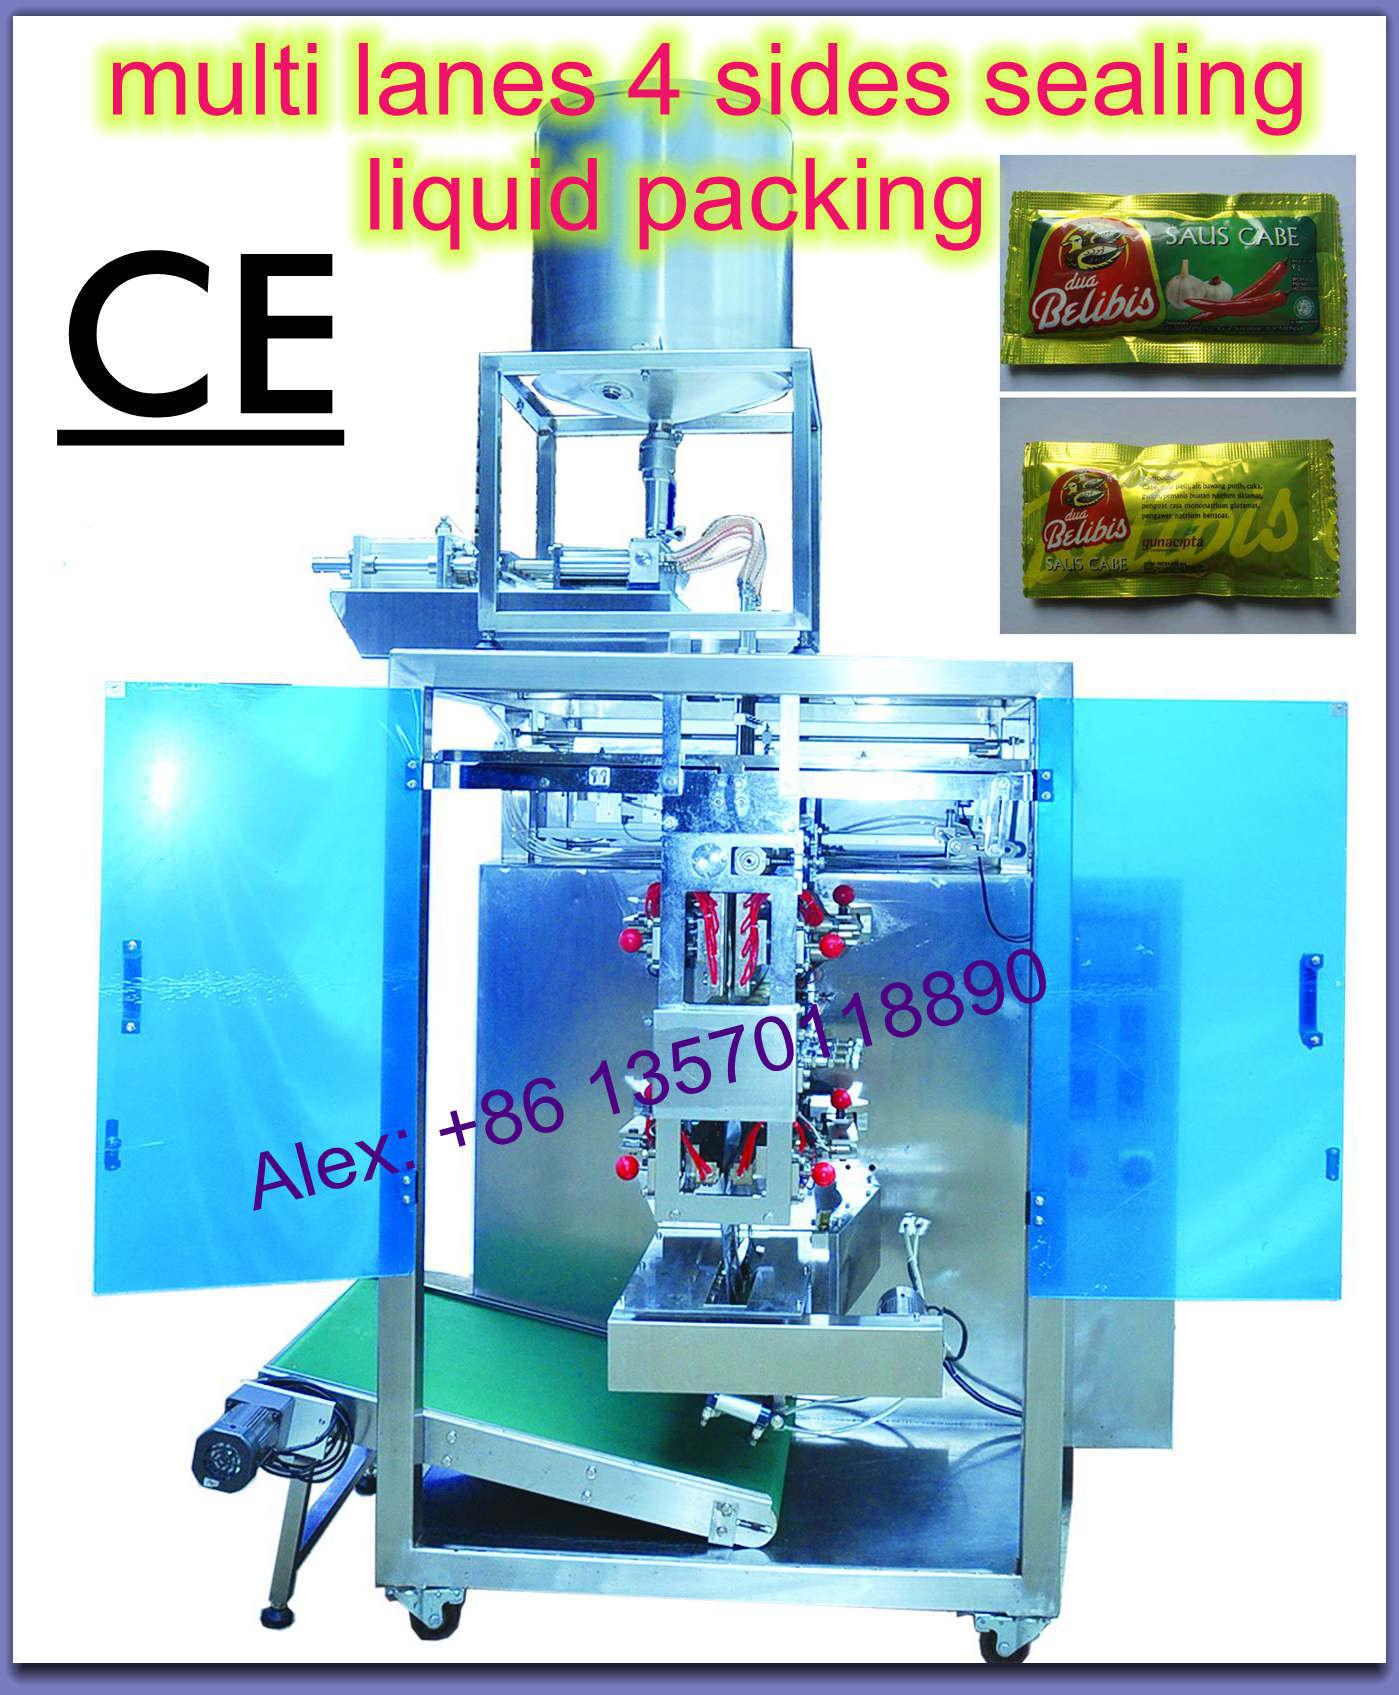 Multi-Lane 4-Side Sealing Liquid Packaging Machine